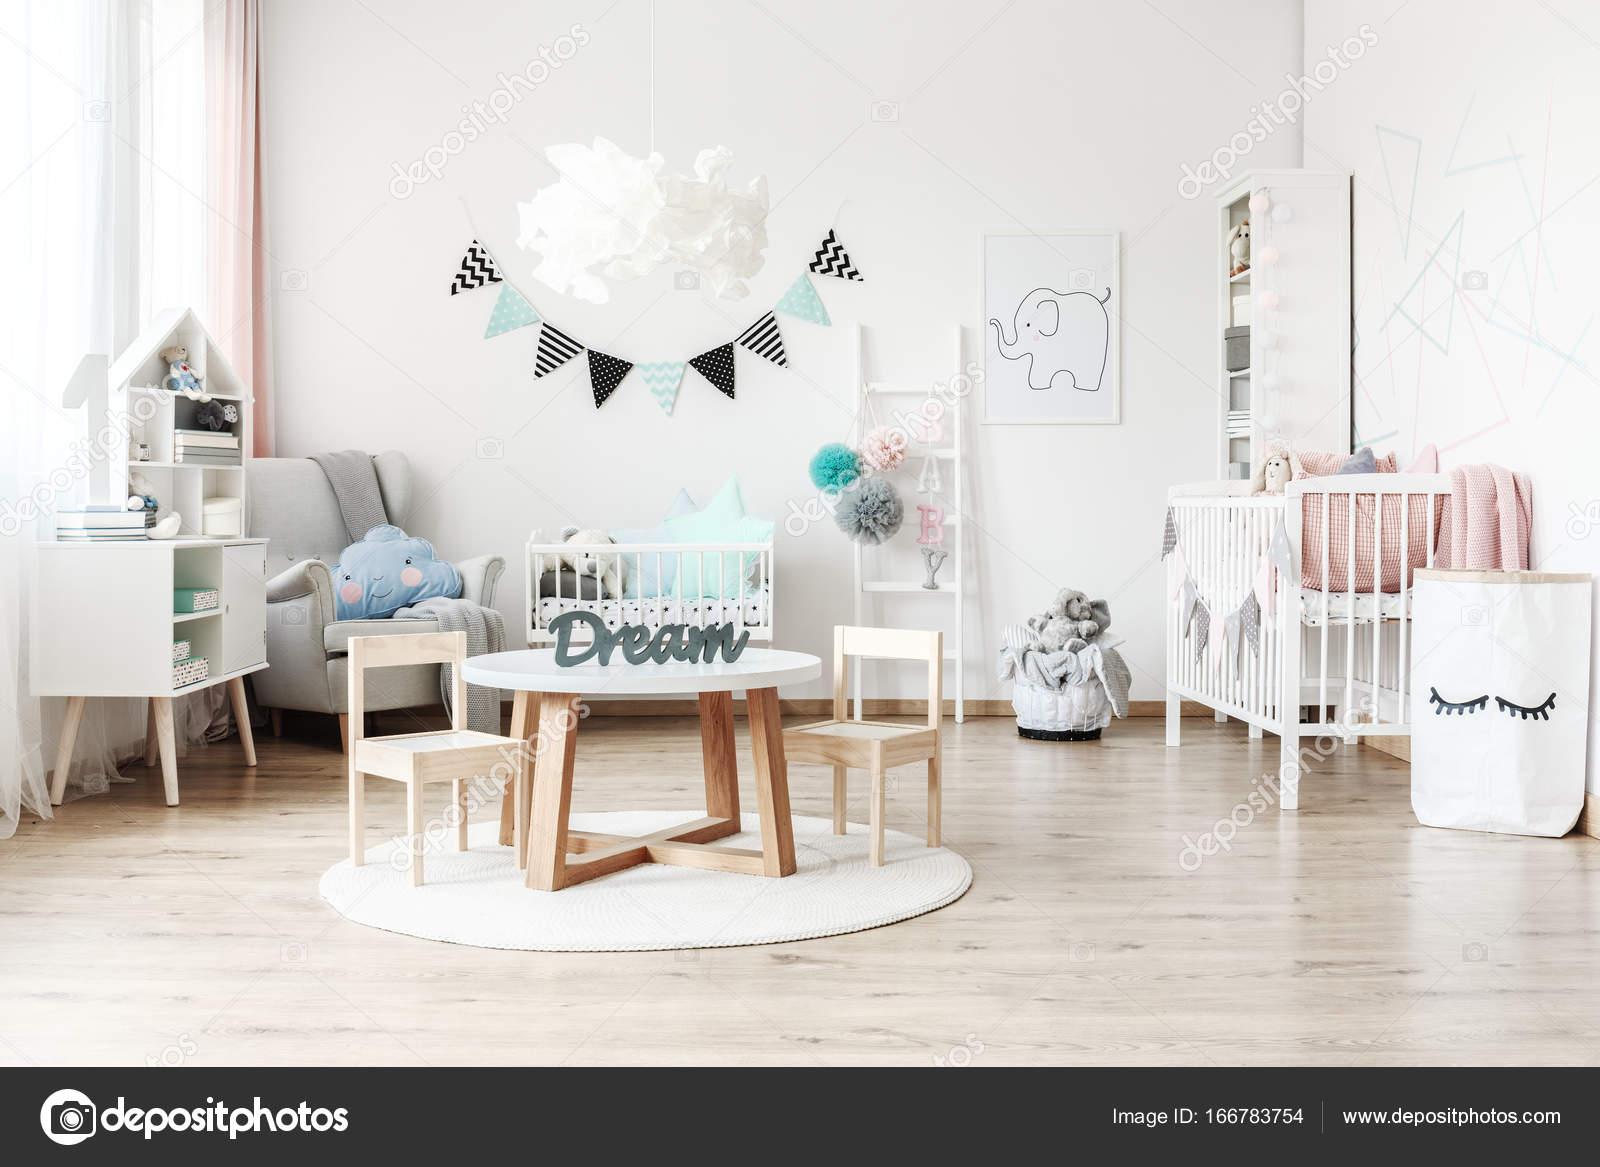 Habitacin infantil con muebles blancos Foto de stock